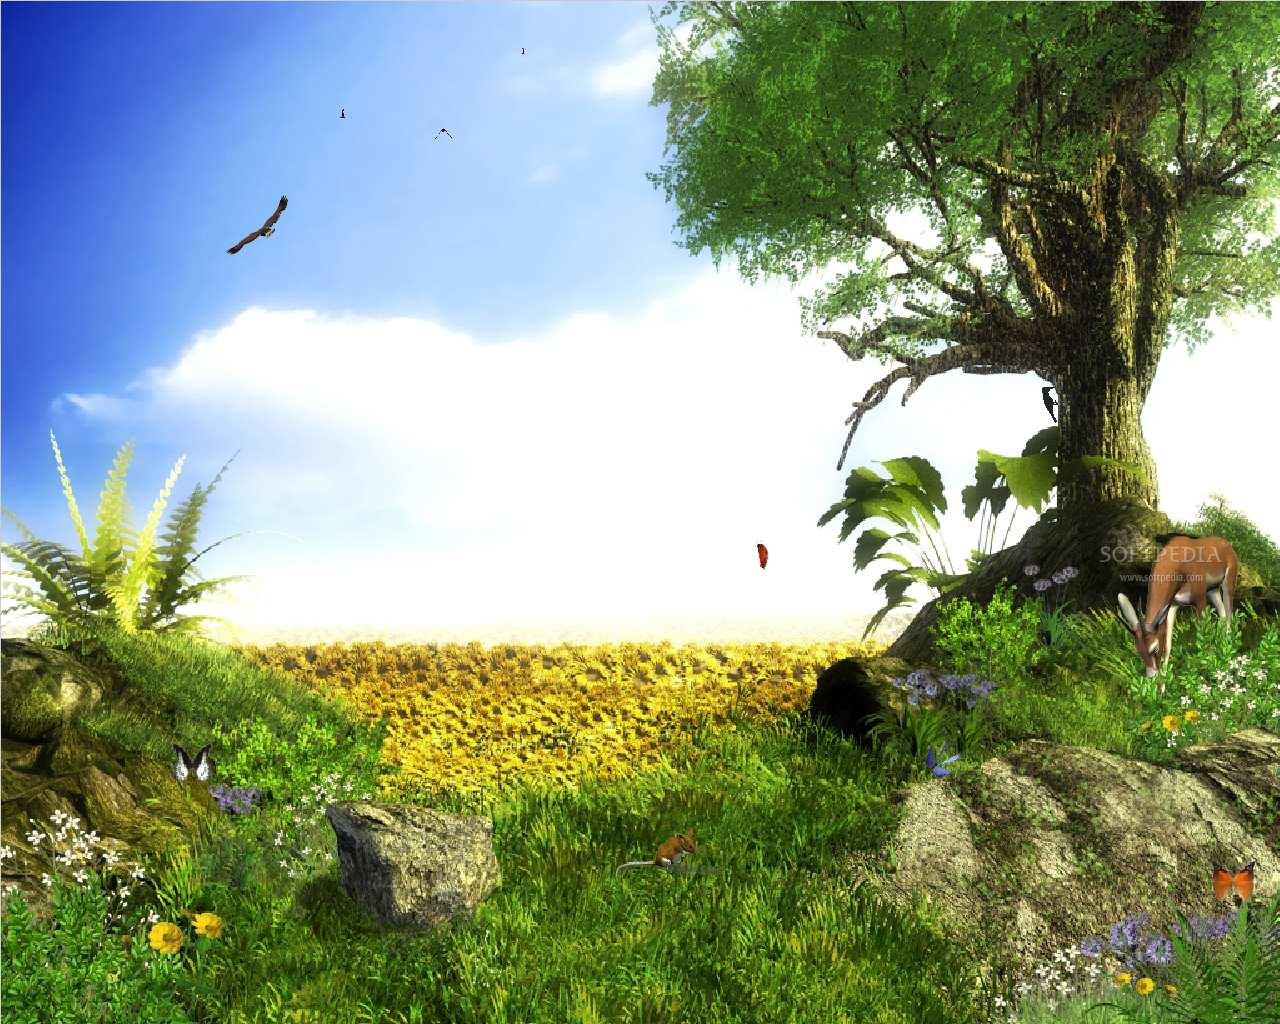 Desktop Wallpaper Hd Art Hd 3d Nature Butterfly Dwonload Hd Animated 1280x1024